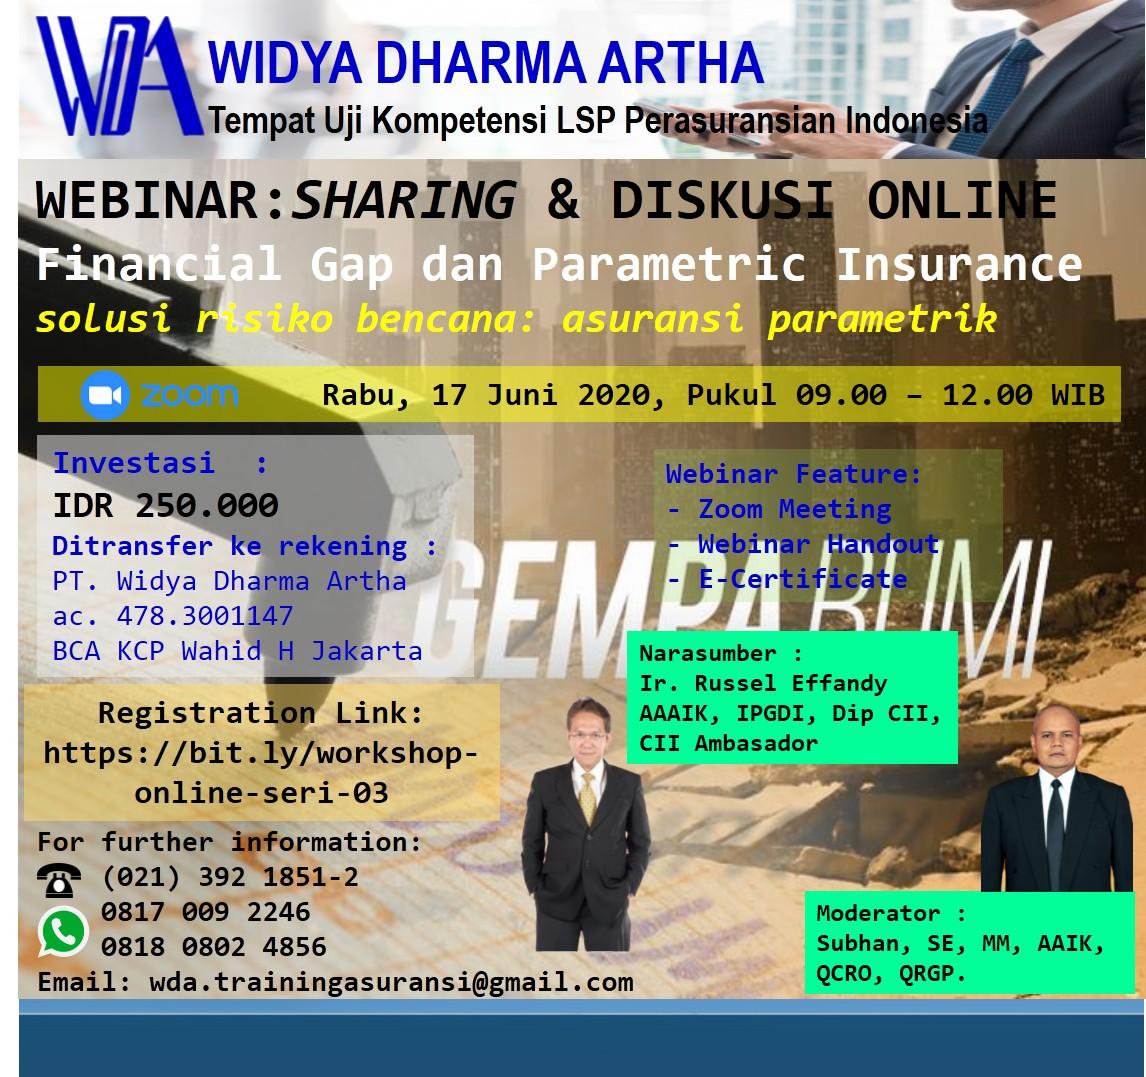 wda-webinar-financial-gap-dan-parametric-insurance-17062020-0900-1200